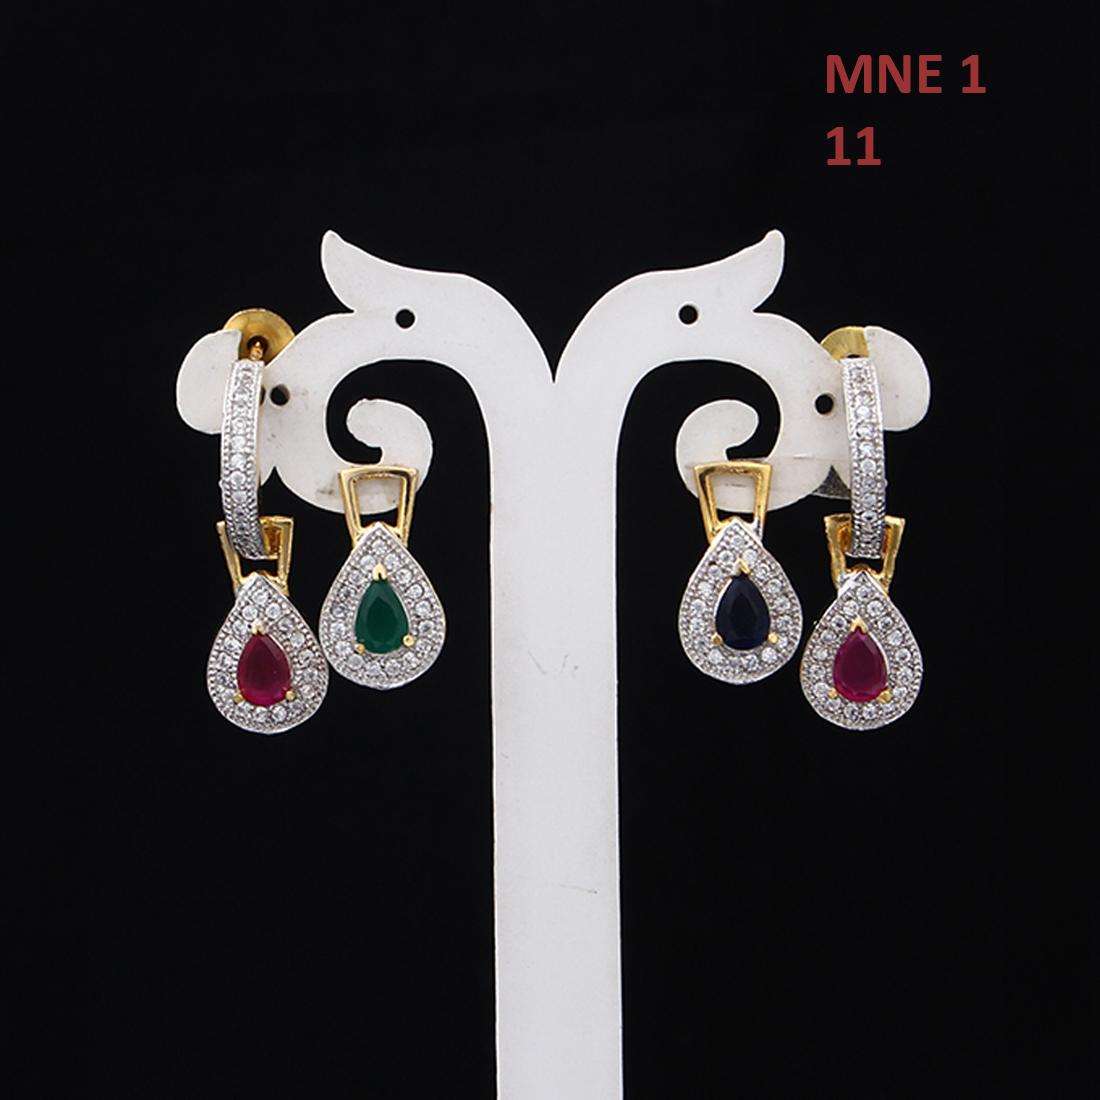 55Carat | Handmade Drop & Dangle Earrings For Women Girls Ladies Cubic Zircon Gold Plated Baali Kundal Jewellery Fashion Jewelry MNE 1